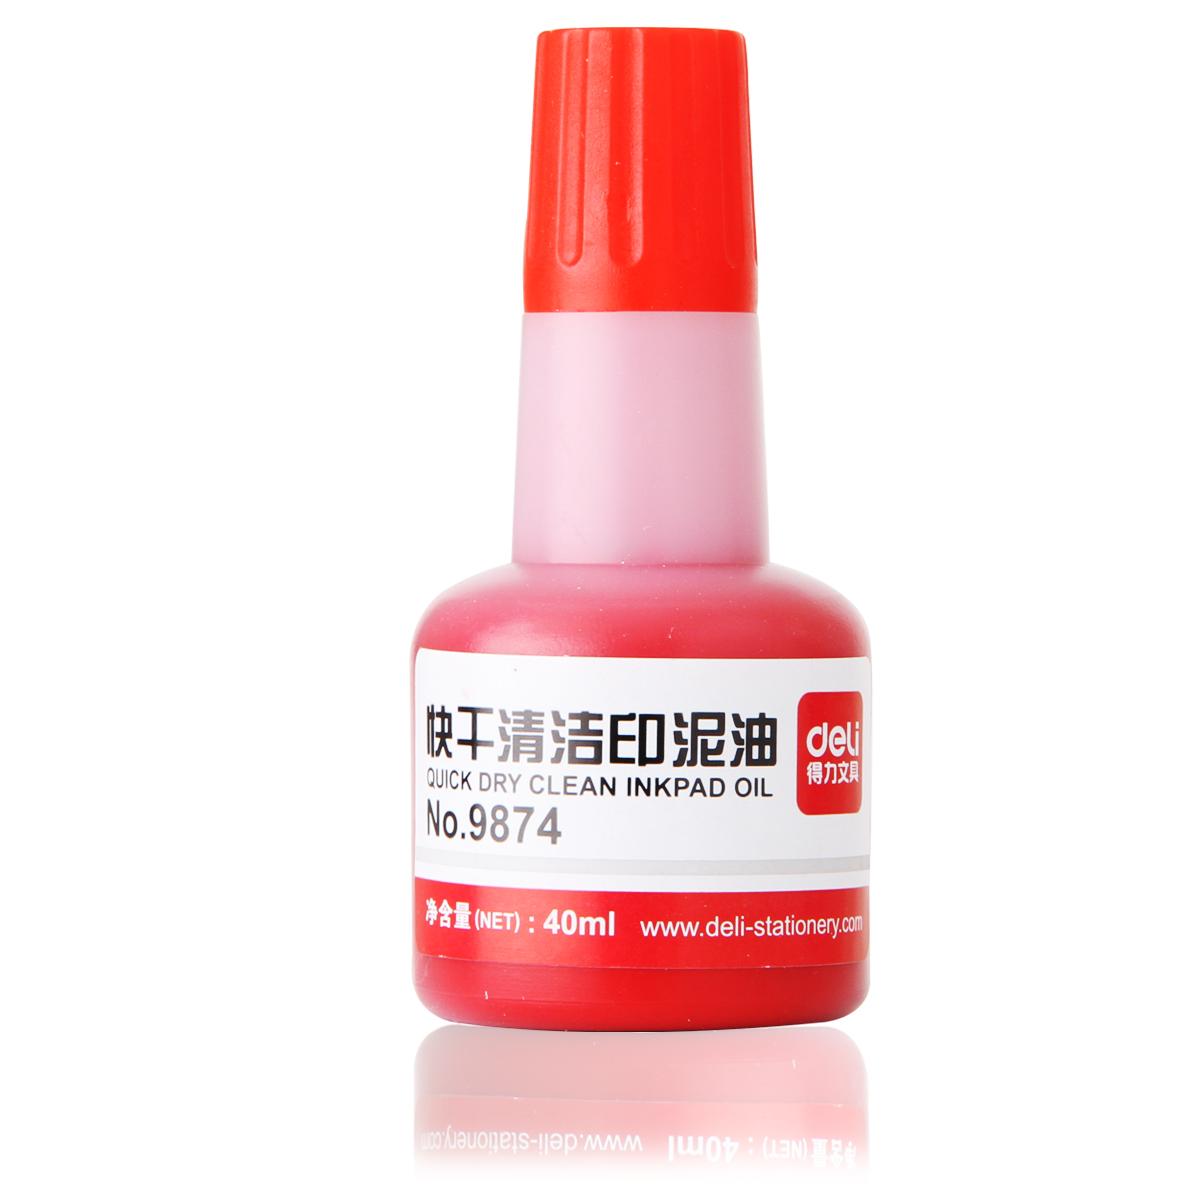 得力(deli)9874 快干清洁印油 印台油印泥油 40ml 红